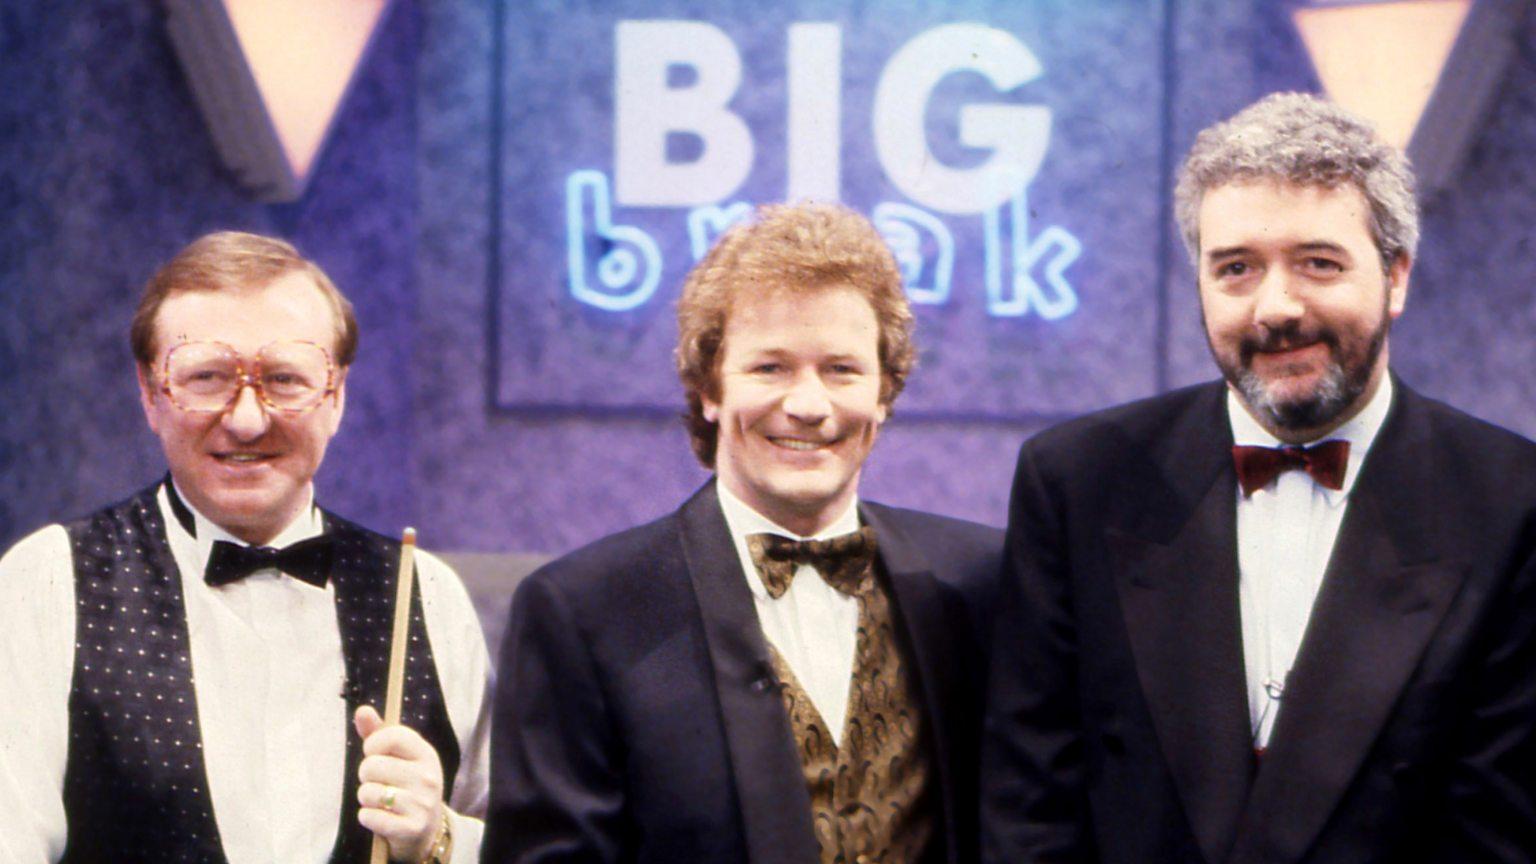 Big Break - Snooker related TV shows